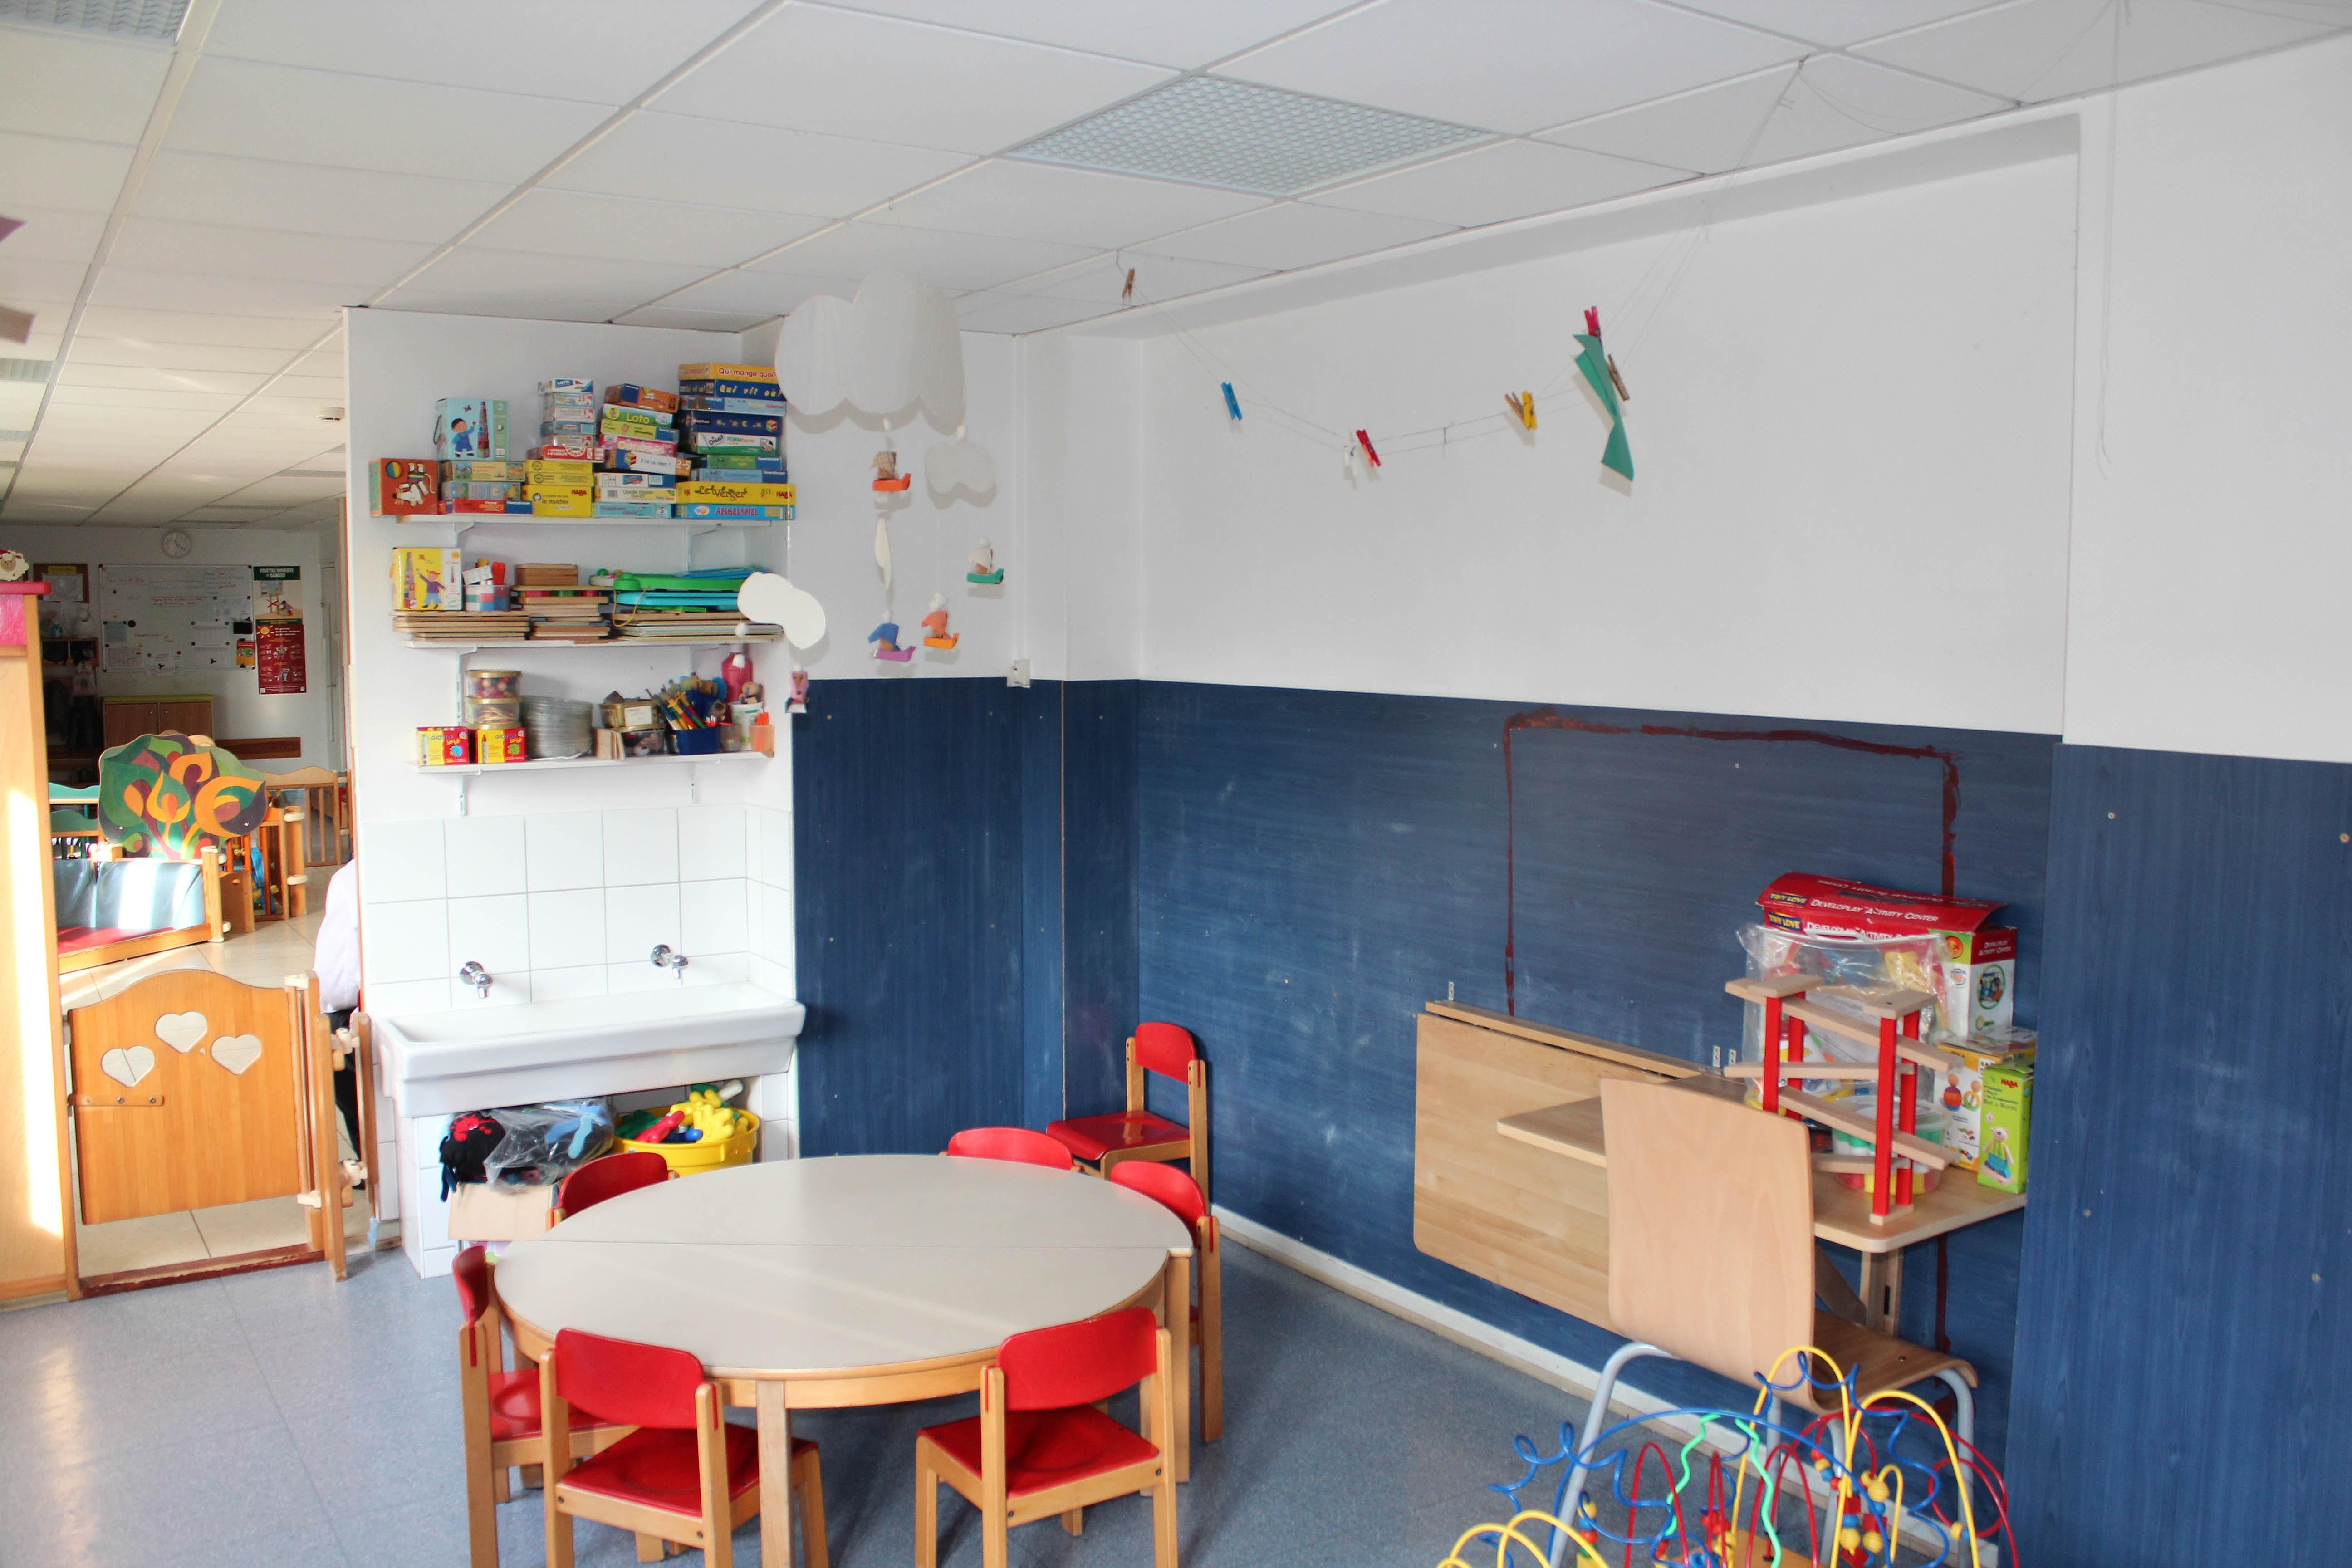 cr che parentale la chenille strasbourg meinau salle de jeux coin peinture. Black Bedroom Furniture Sets. Home Design Ideas